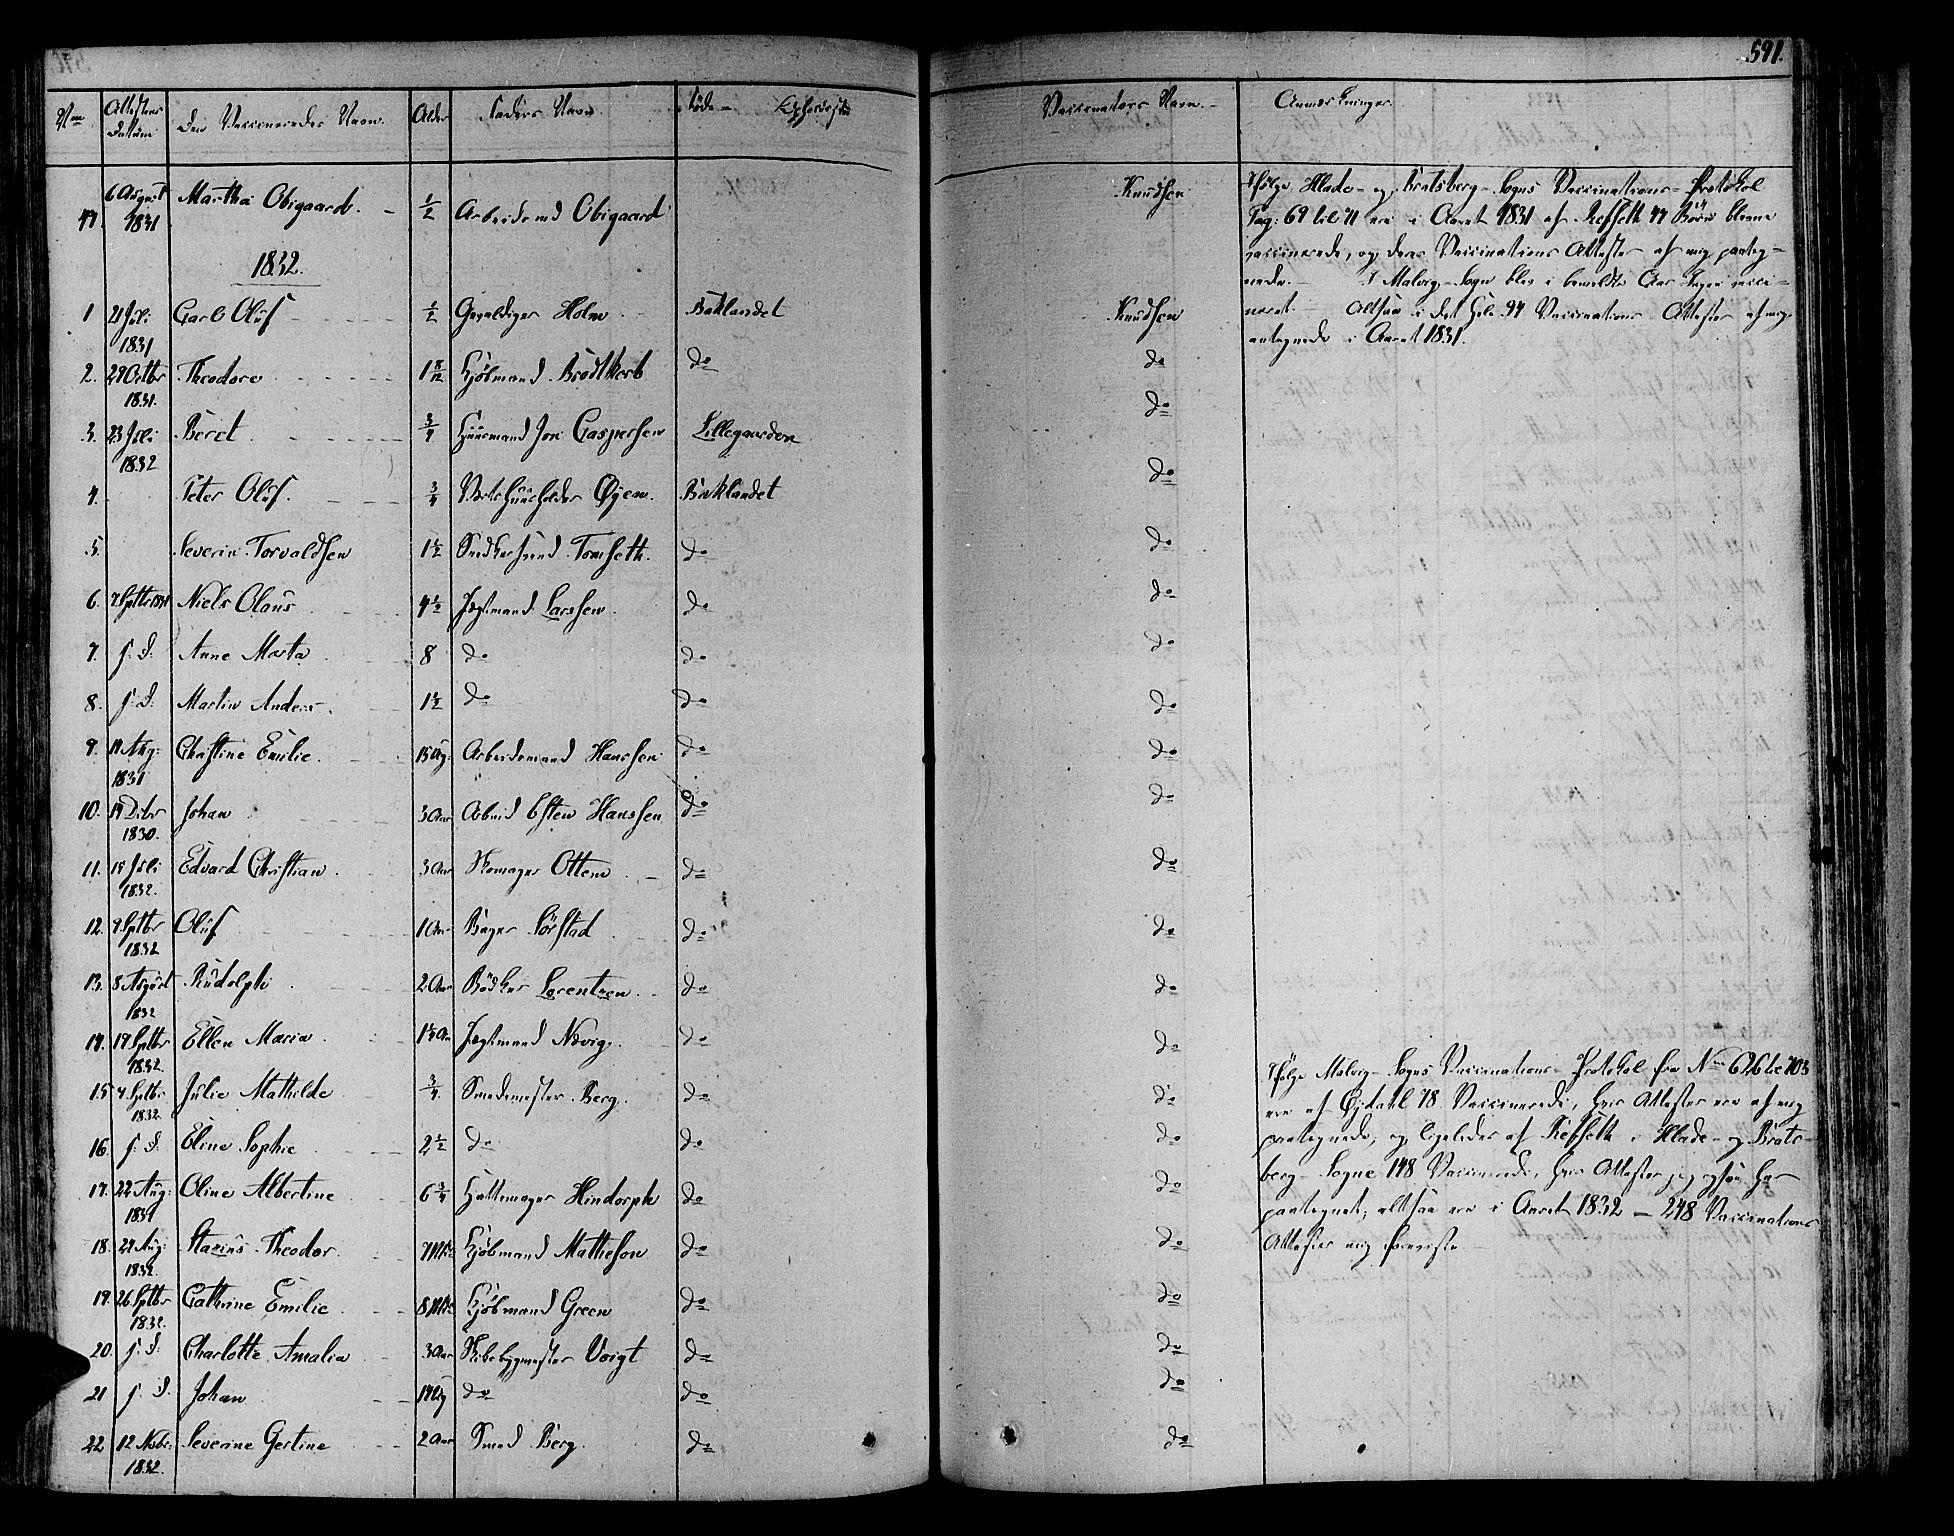 SAT, Ministerialprotokoller, klokkerbøker og fødselsregistre - Sør-Trøndelag, 606/L0286: Ministerialbok nr. 606A04 /1, 1823-1840, s. 591